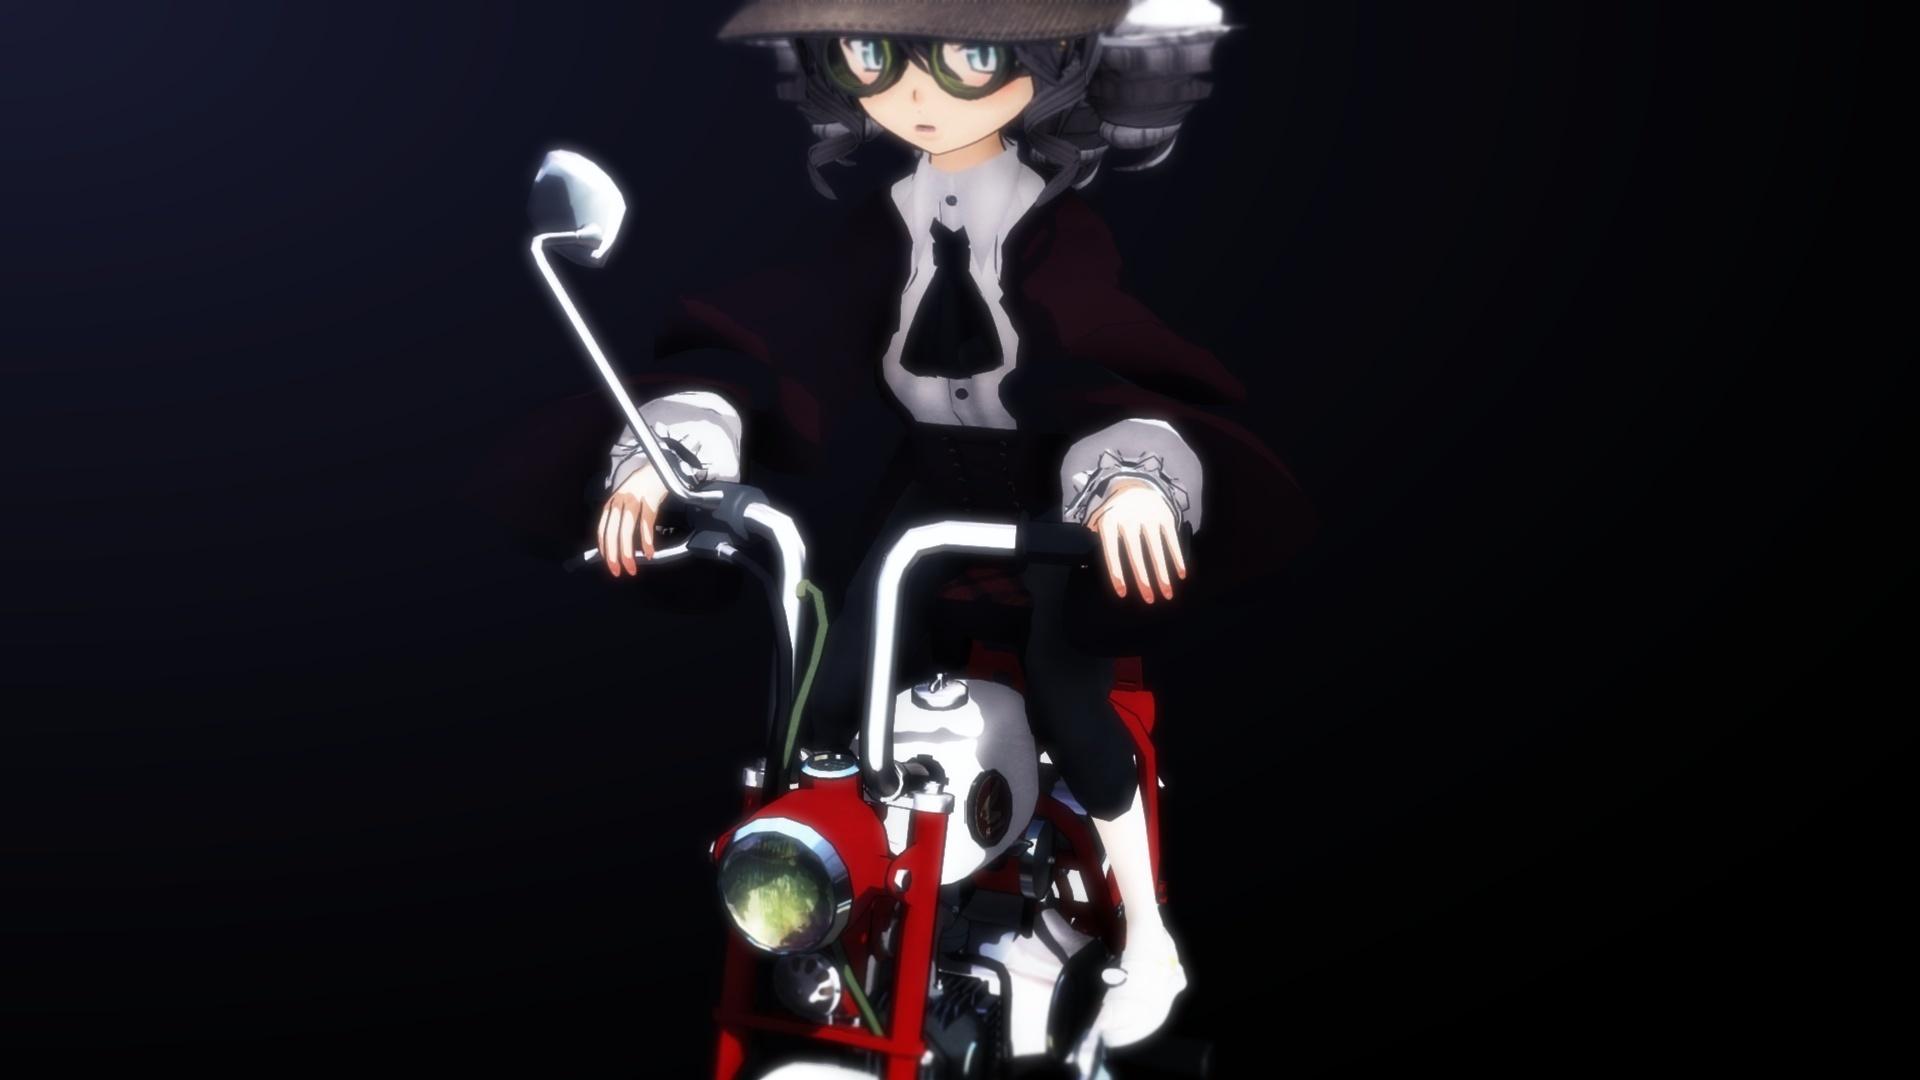 カナリアバイク.jpg